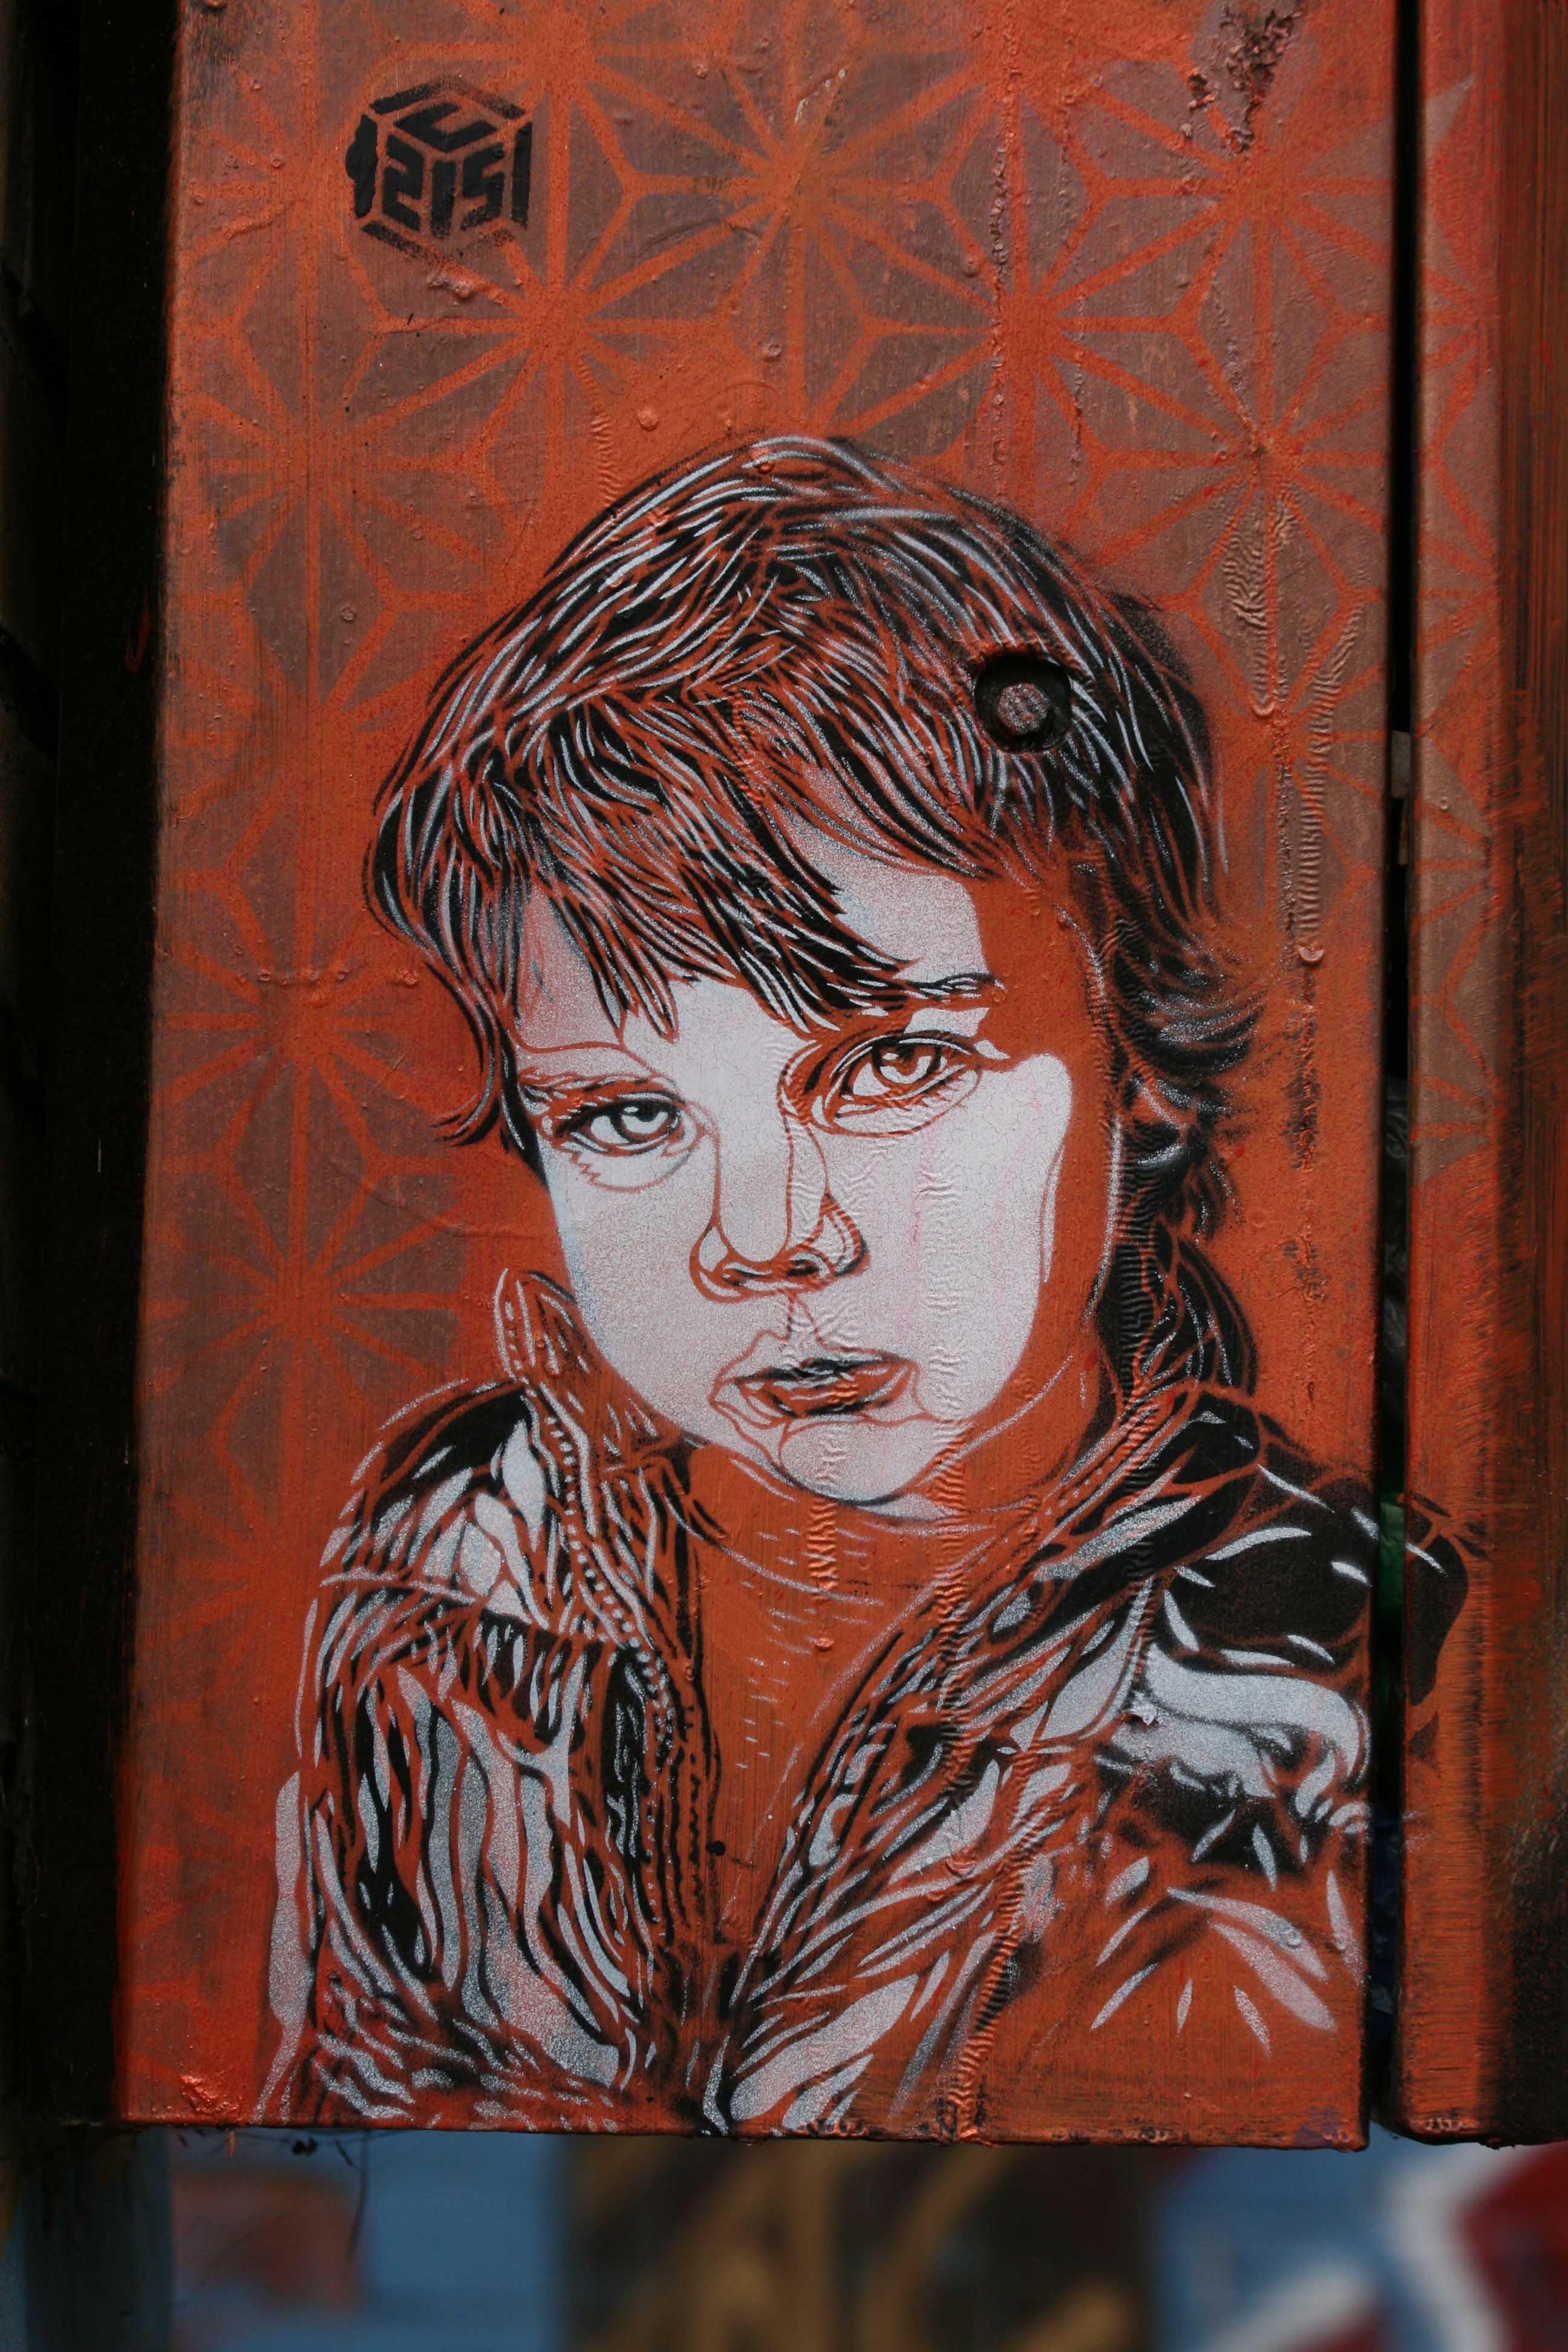 Innocent Face - Street Art by C215 in London